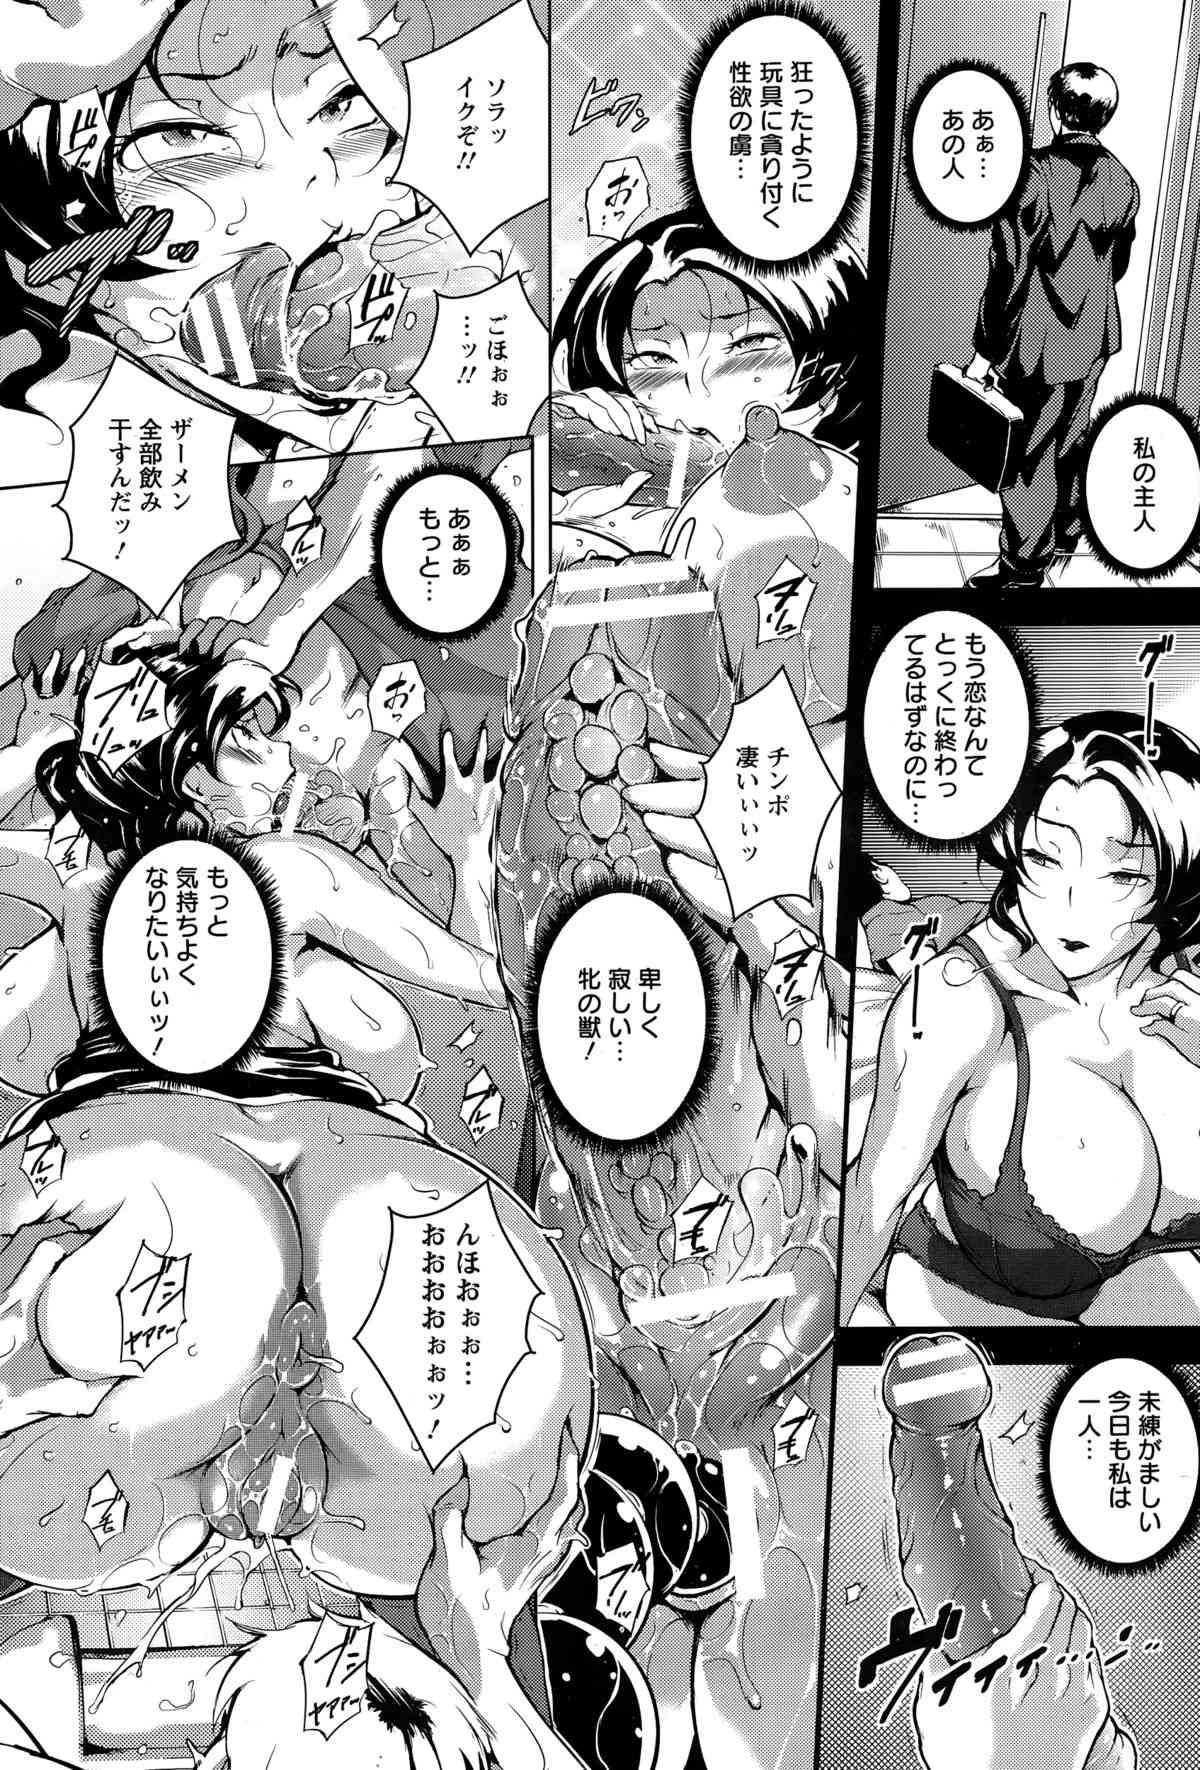 【エロ漫画】爆乳女教師が集団痴漢凌辱に遭いアナル専用奴隷にwww